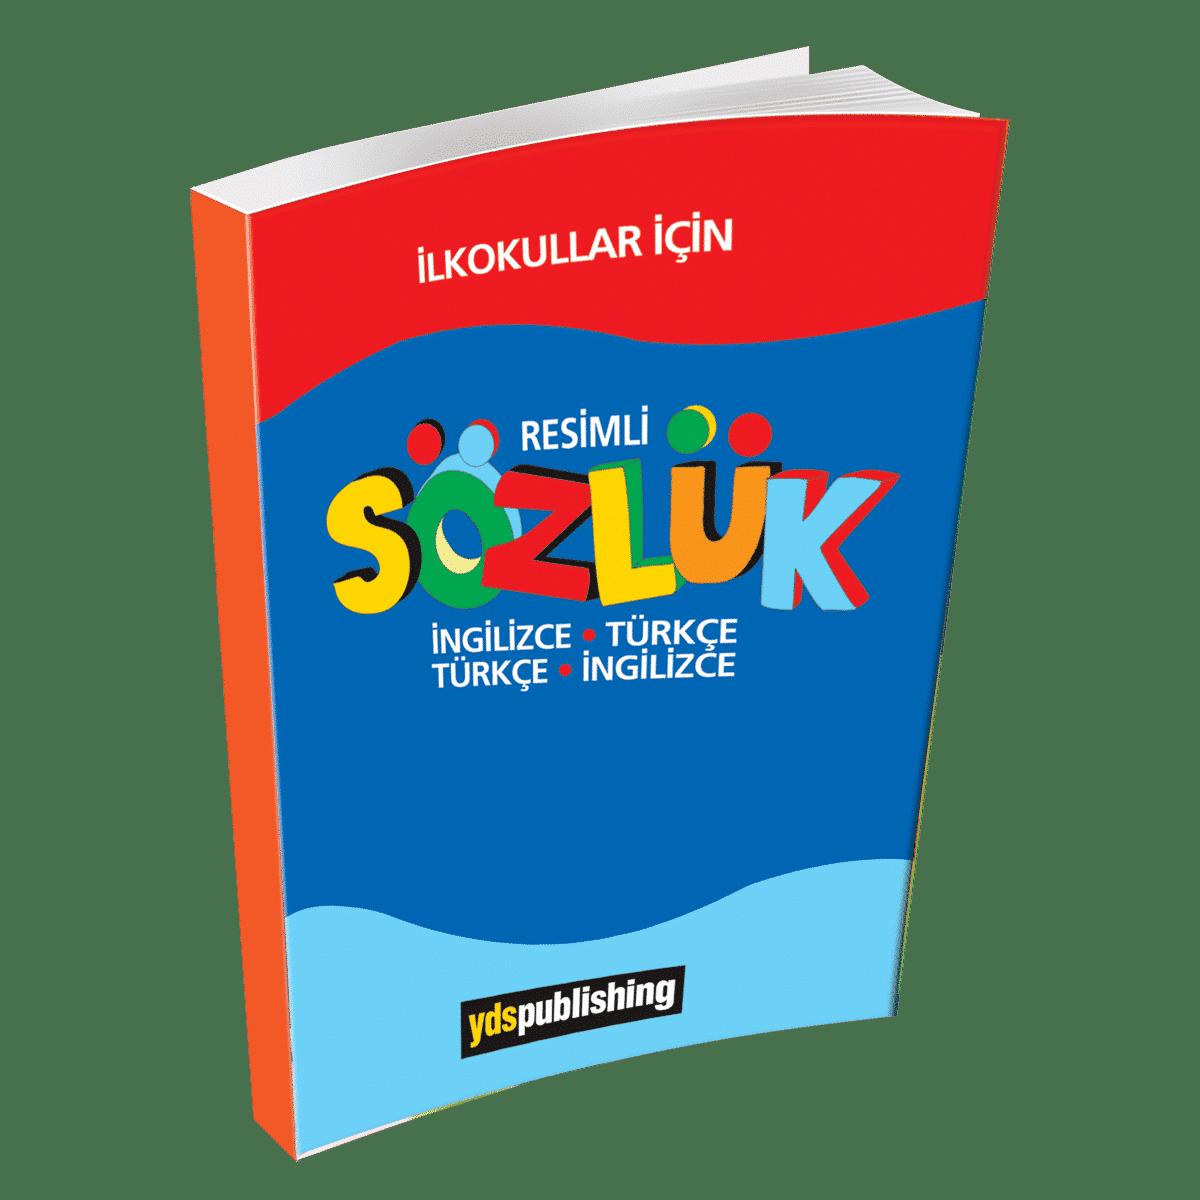 Resimli İlkokul Sözlüğü resimli İlkokul sözlüğü -  Resimli İlkokul Sözlüğü